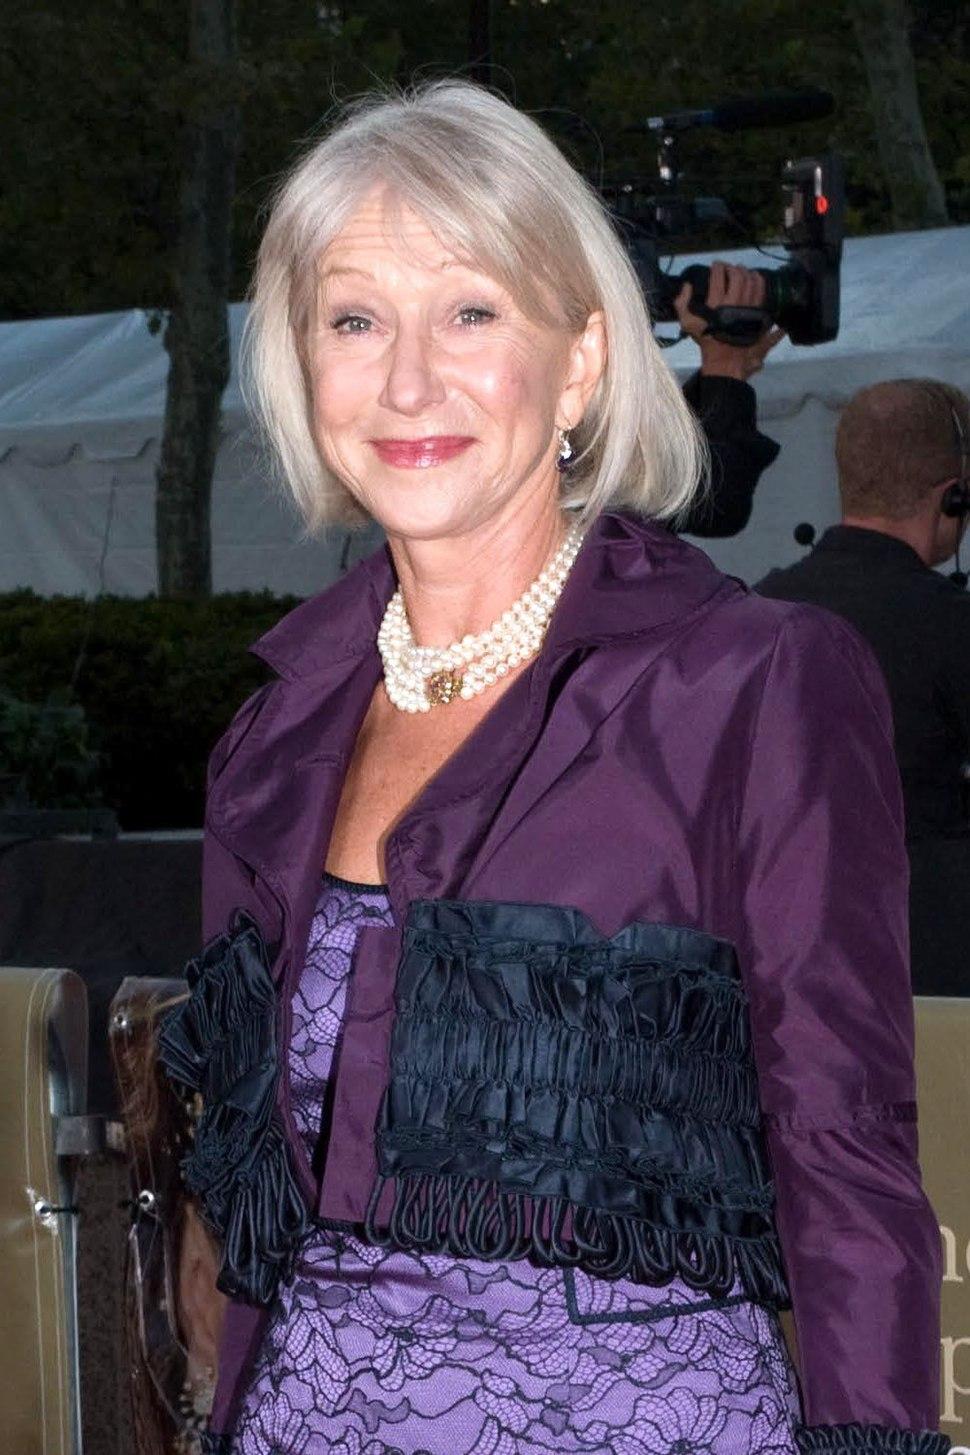 Helen Mirren at Met Opera